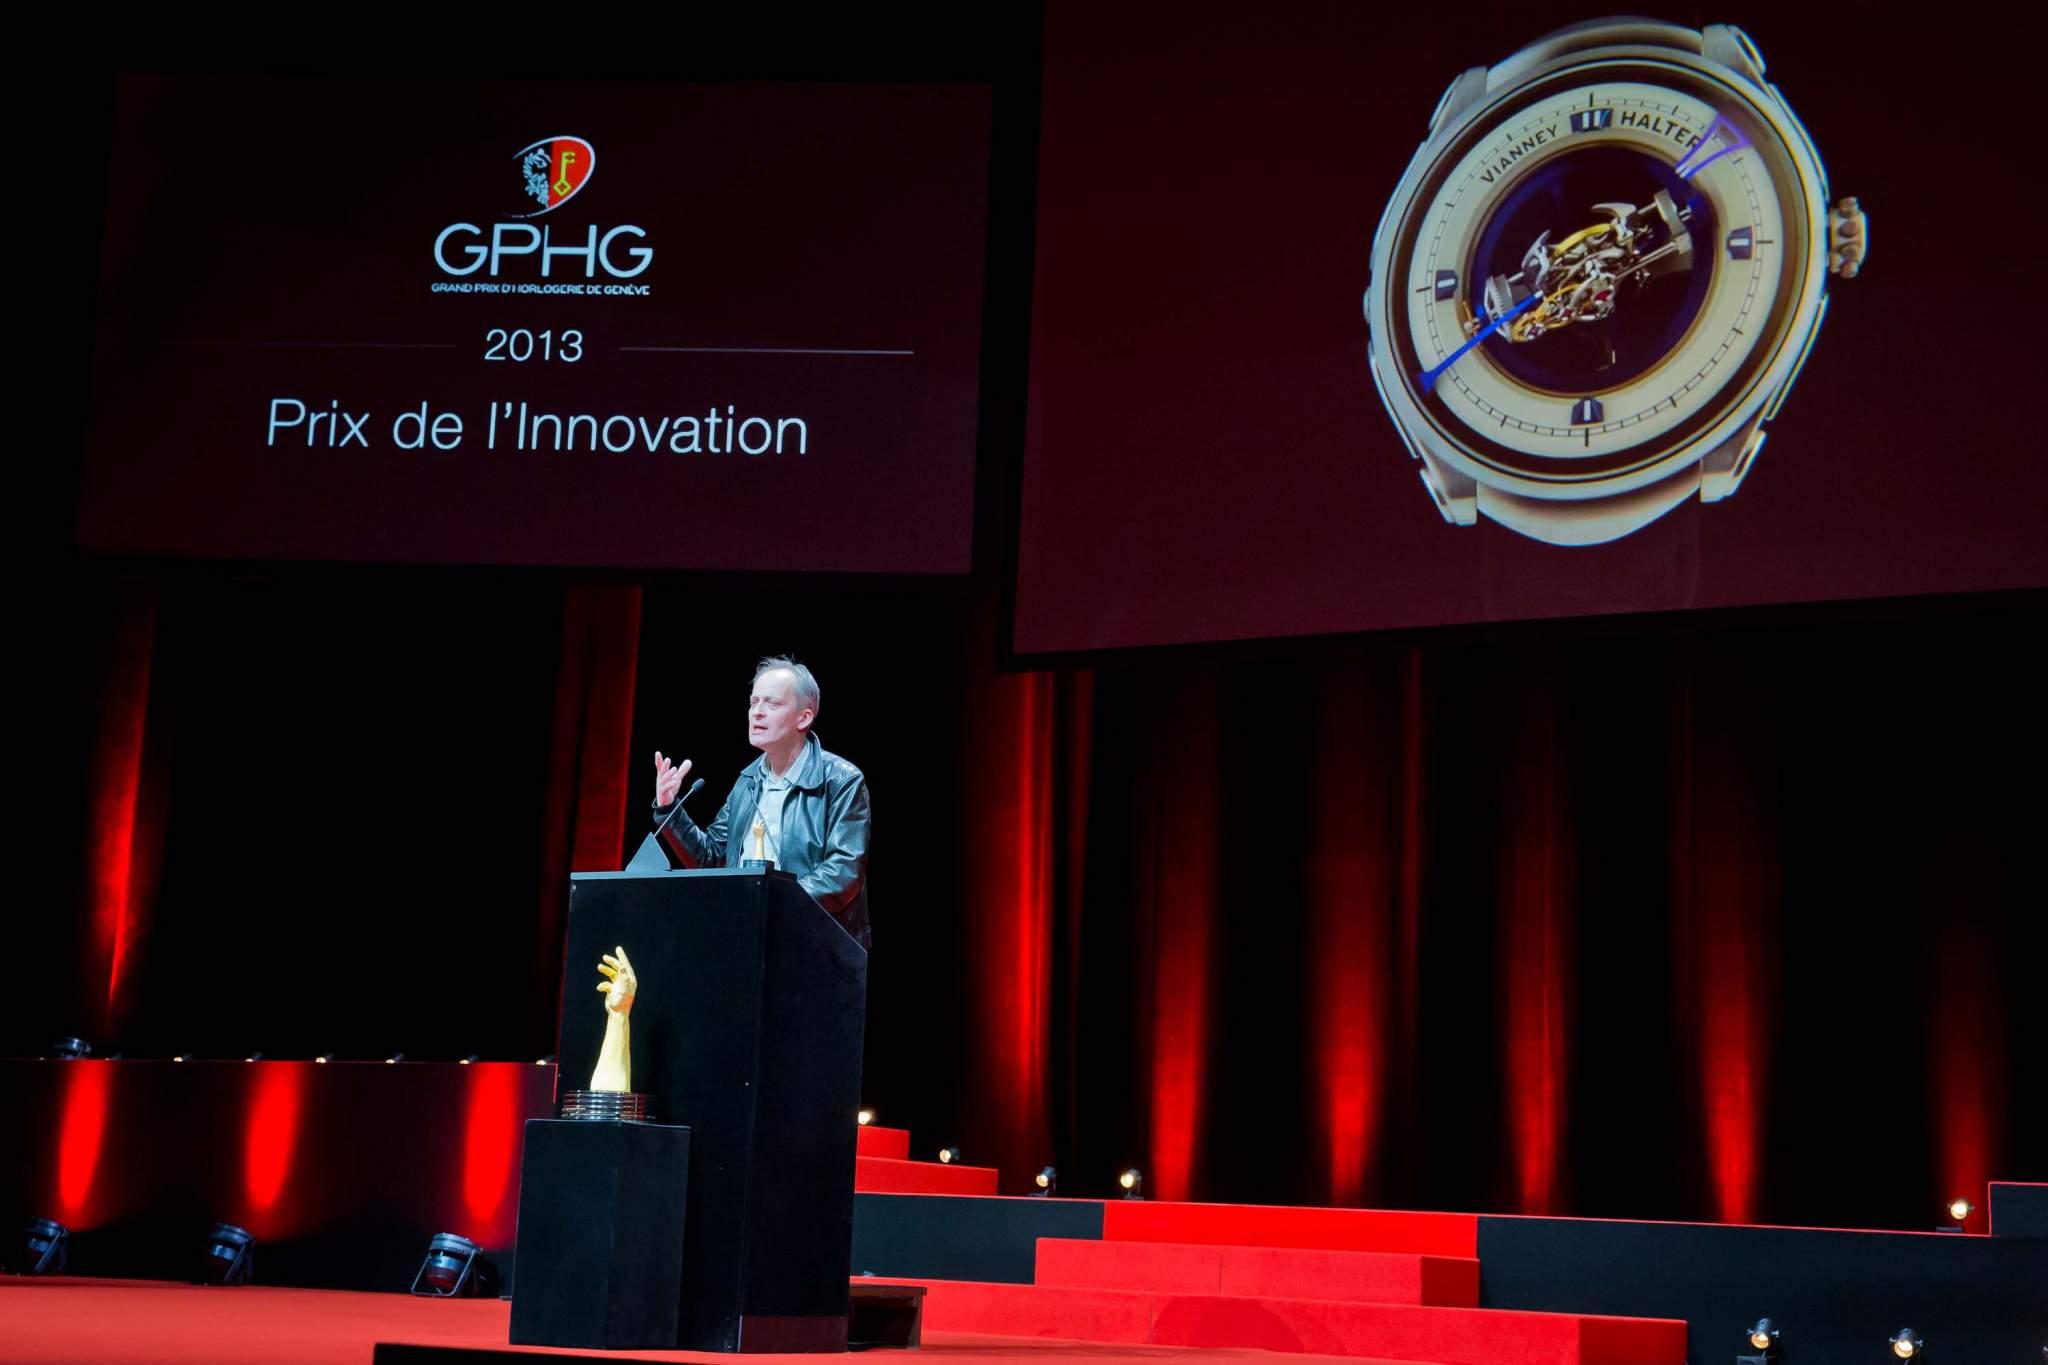 Speech of Vianney Halter, founder of Vianney Halter, winner of Innovation Prize 2013